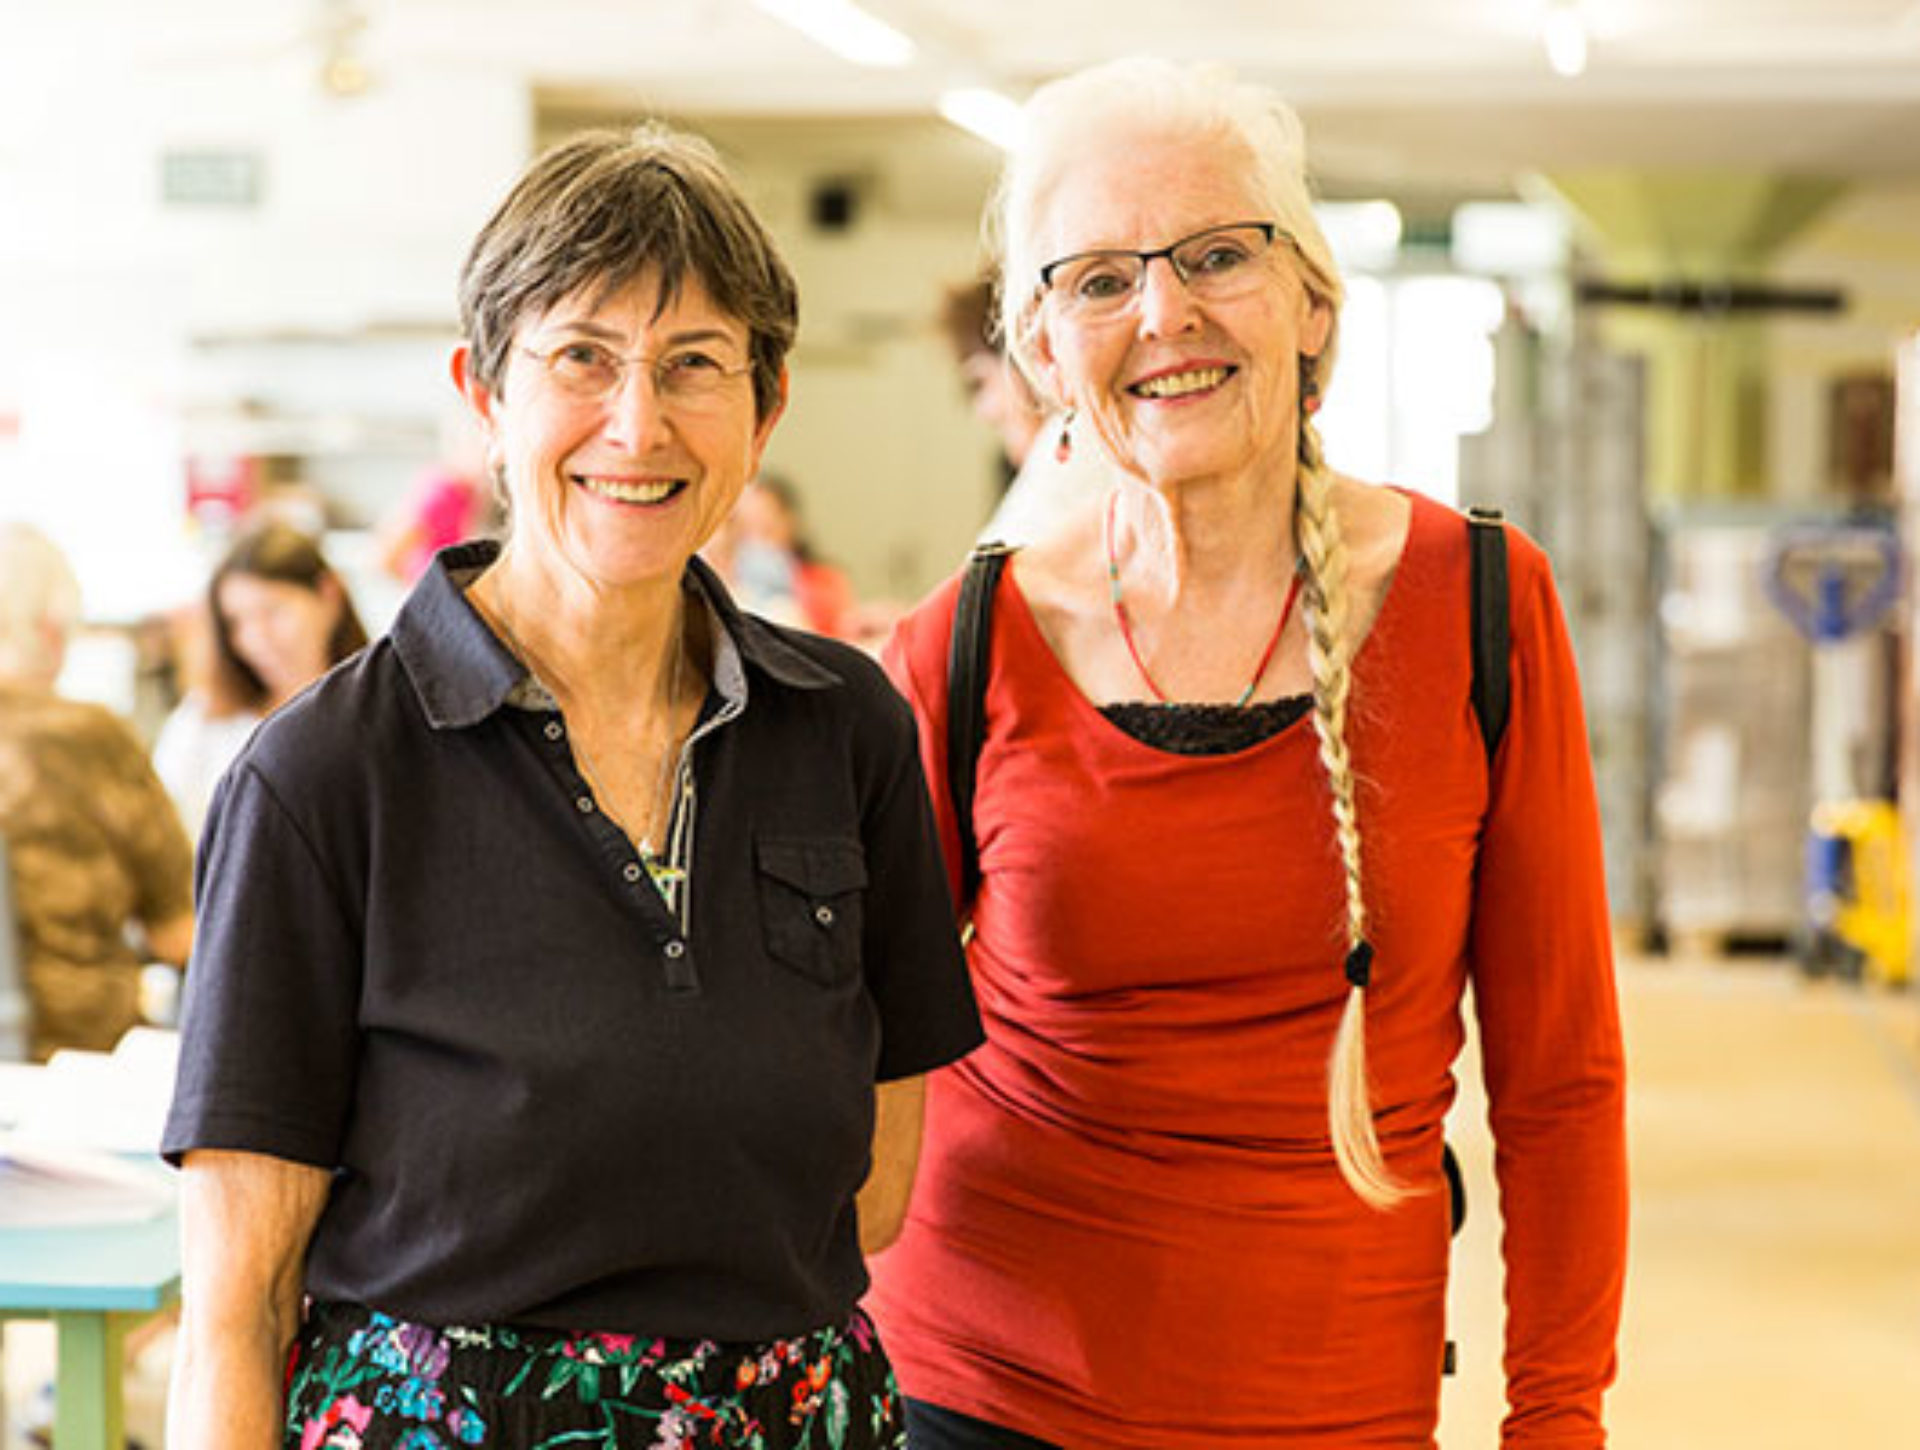 Erika Fäh, Marie-Louise Gerber, Besucherinnen «Wir sind beeindruckt! Und davon überzeugt, dass Projekte wie der Quai4 wertvoll sind.»